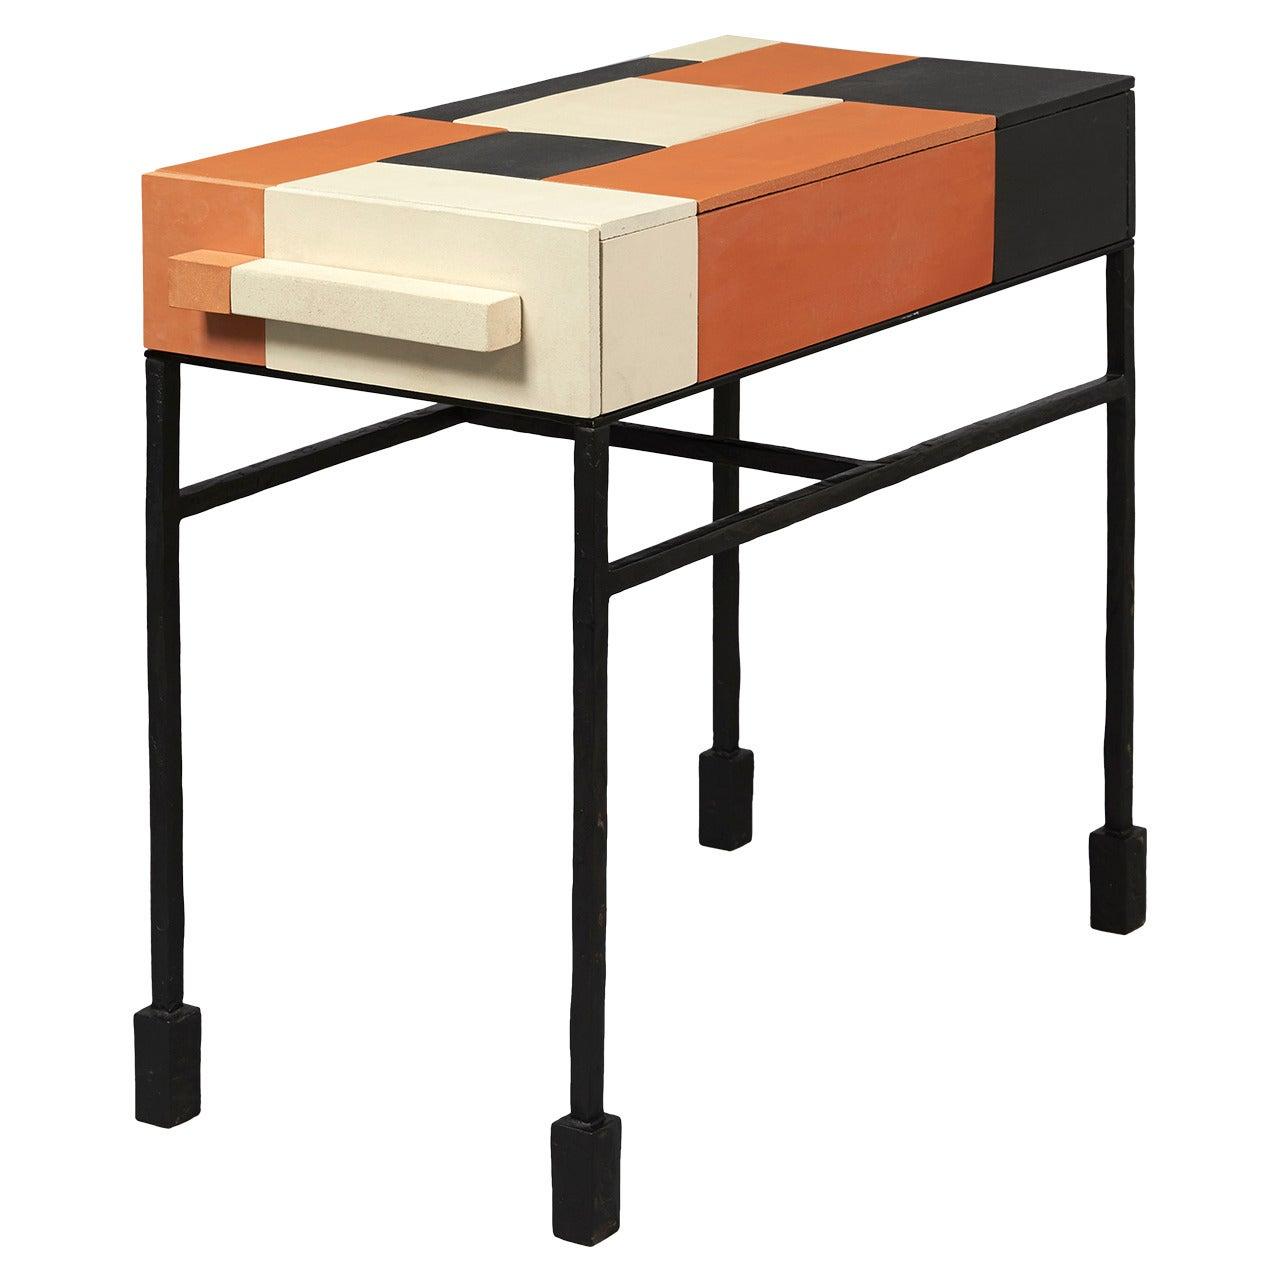 Terracotta Side Table by Mattia Bonetti. In stock